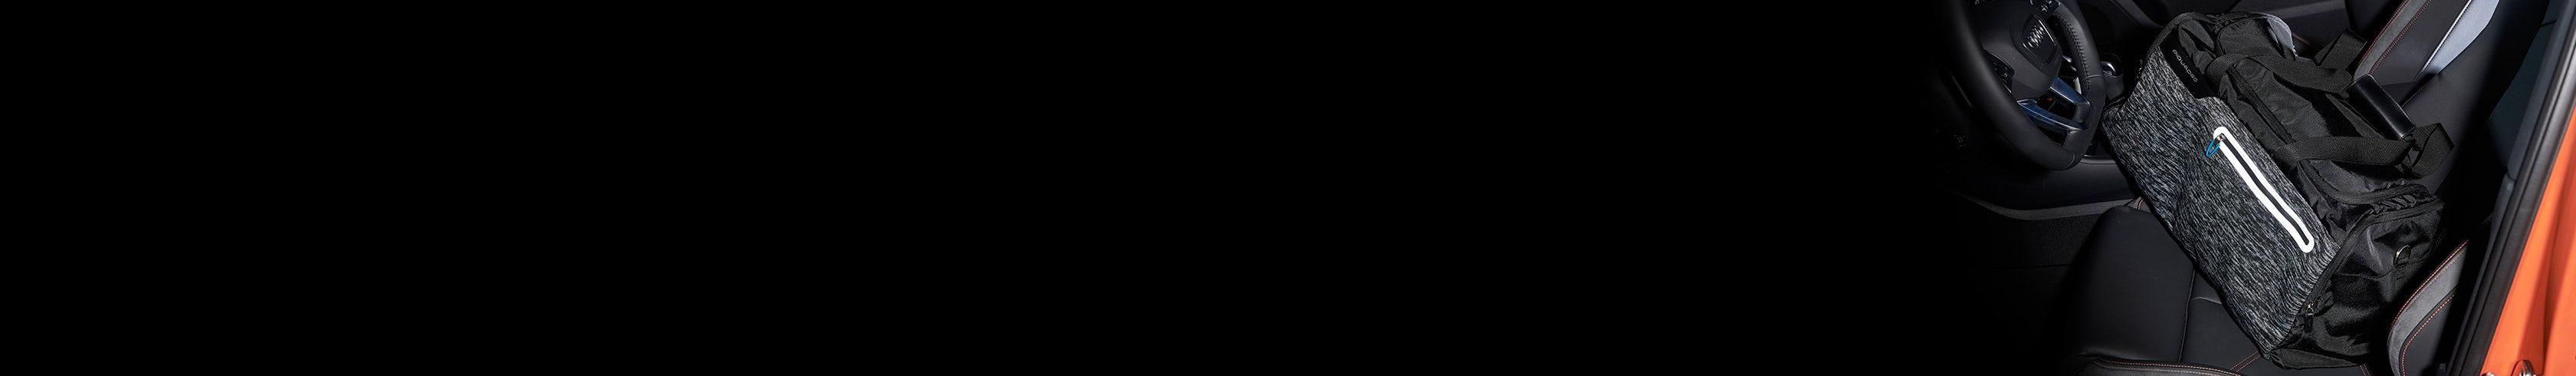 Borsoni